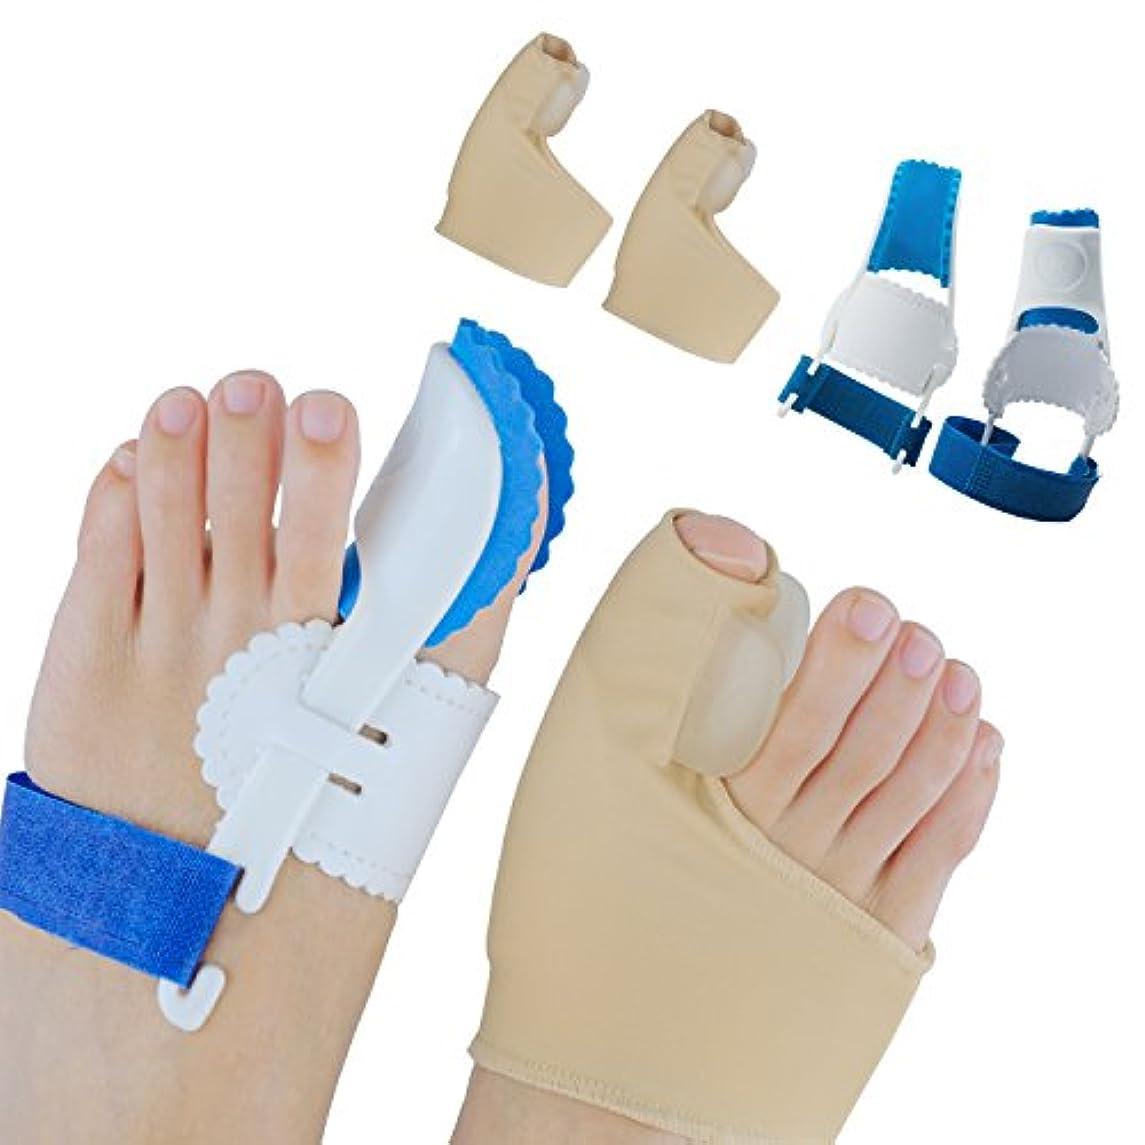 思いつくエンジニアリング高揚したSumifun外反母趾 専用 つま先セパレーター 矯正 ケア ベルト 寝ている間に親指矯正